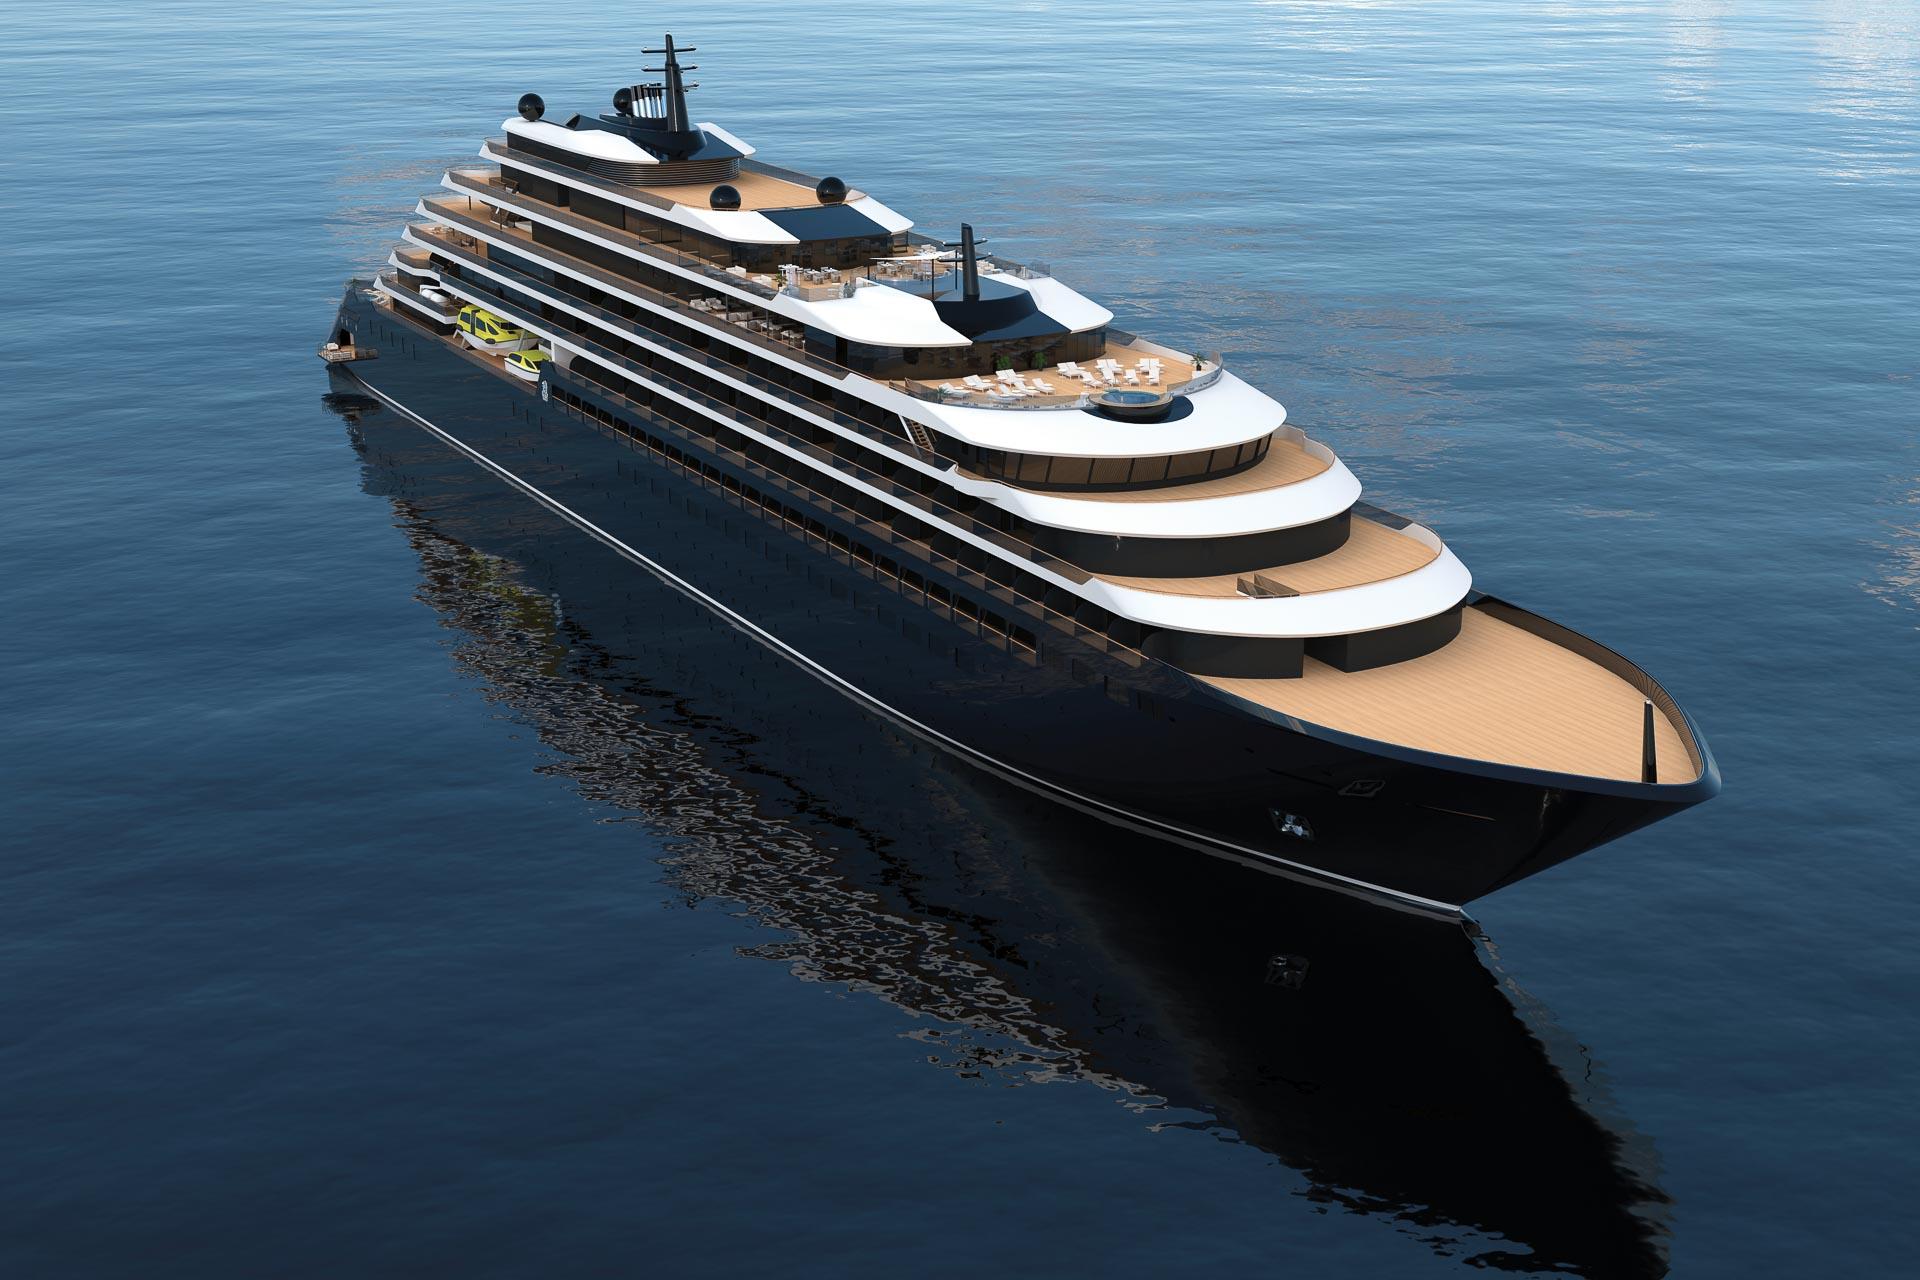 Il est désormais possible de réserver son voyage à bord du premier navire de la flotte ultra luxueuse The Ritz-Carlton Yacht Collection, dont la première croisière débutera en février 2020.